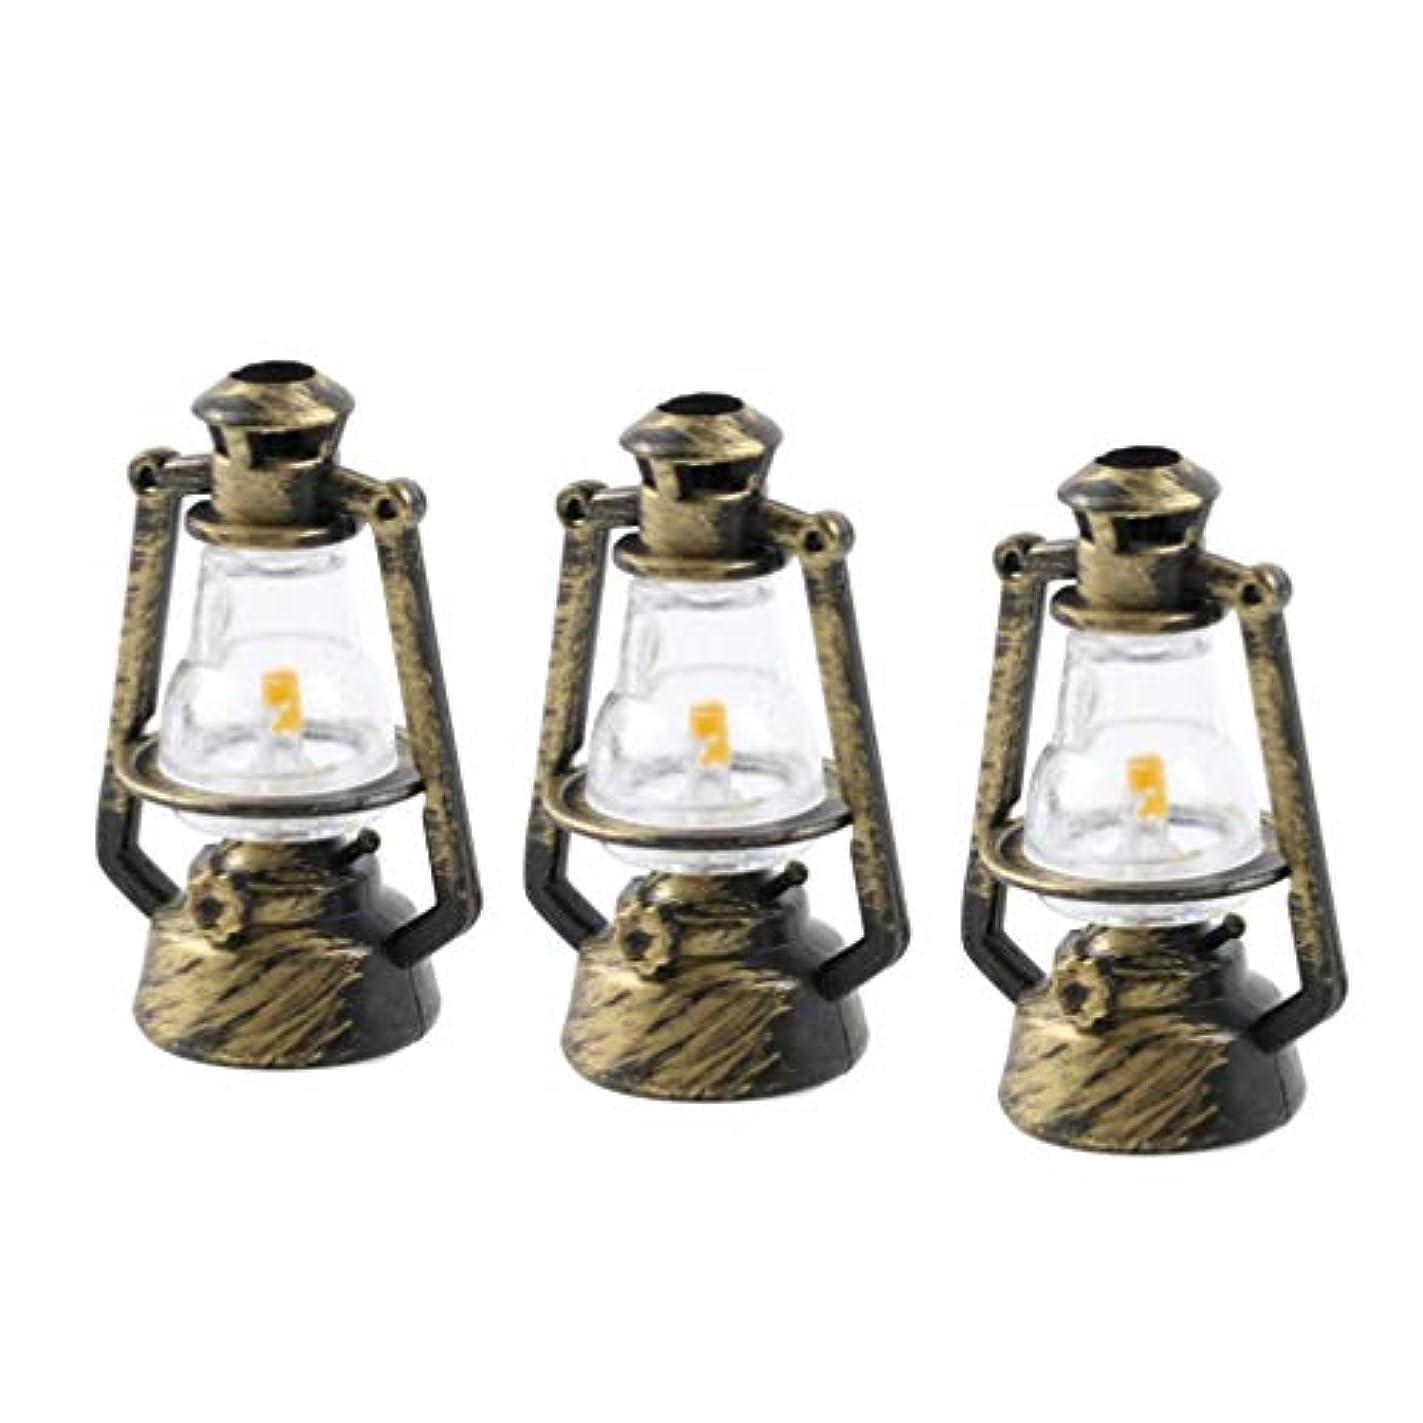 ピービッシュサミット小康SUPVOX ホームドールハウス用6個のオイル燃焼ランタンウェディングライトテーブルランプ